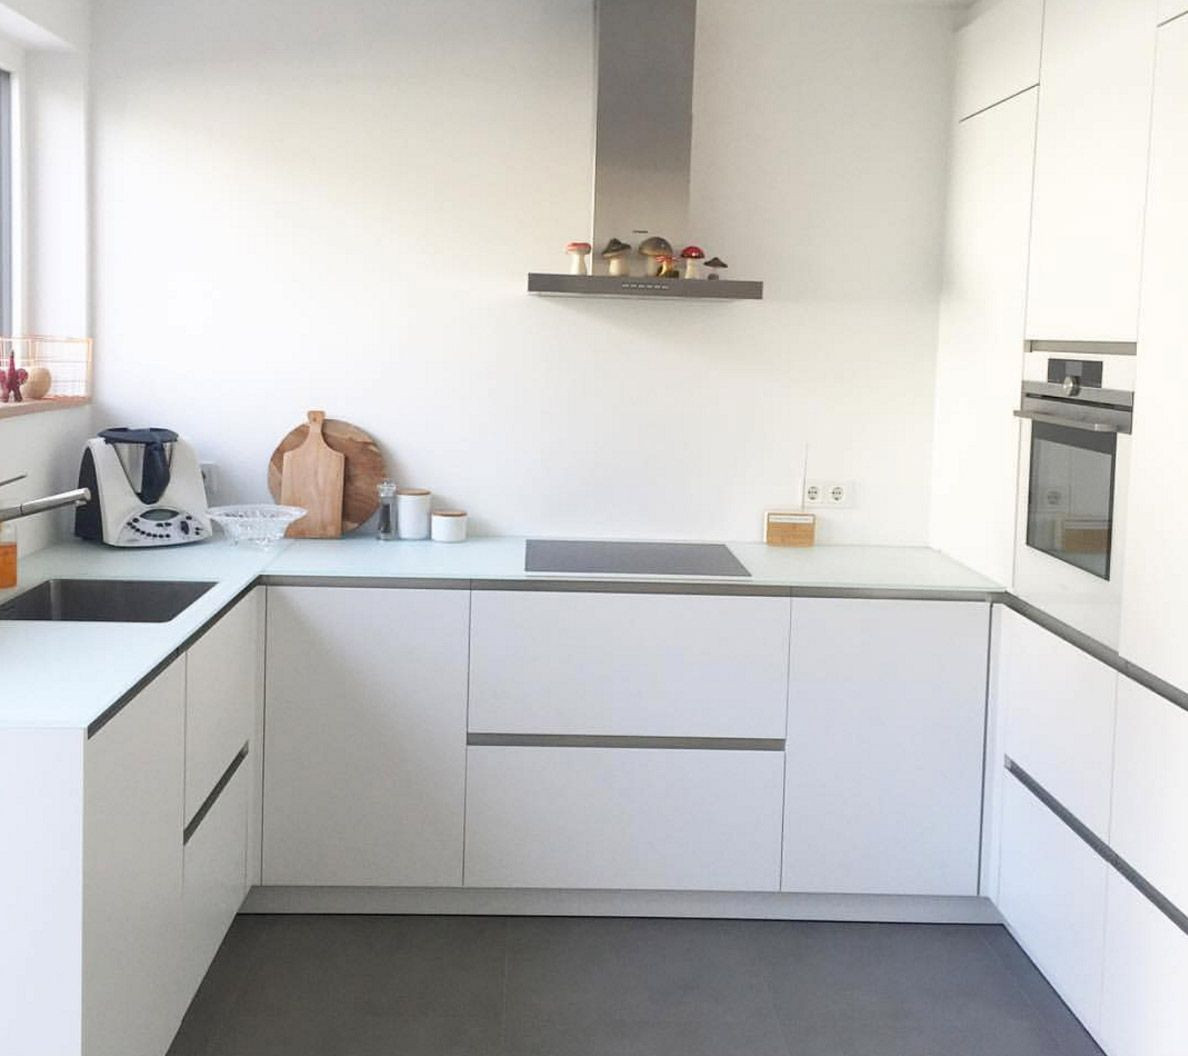 Küche Arbeitsplatte  weisse matte kueche weisse arbeitsplatte